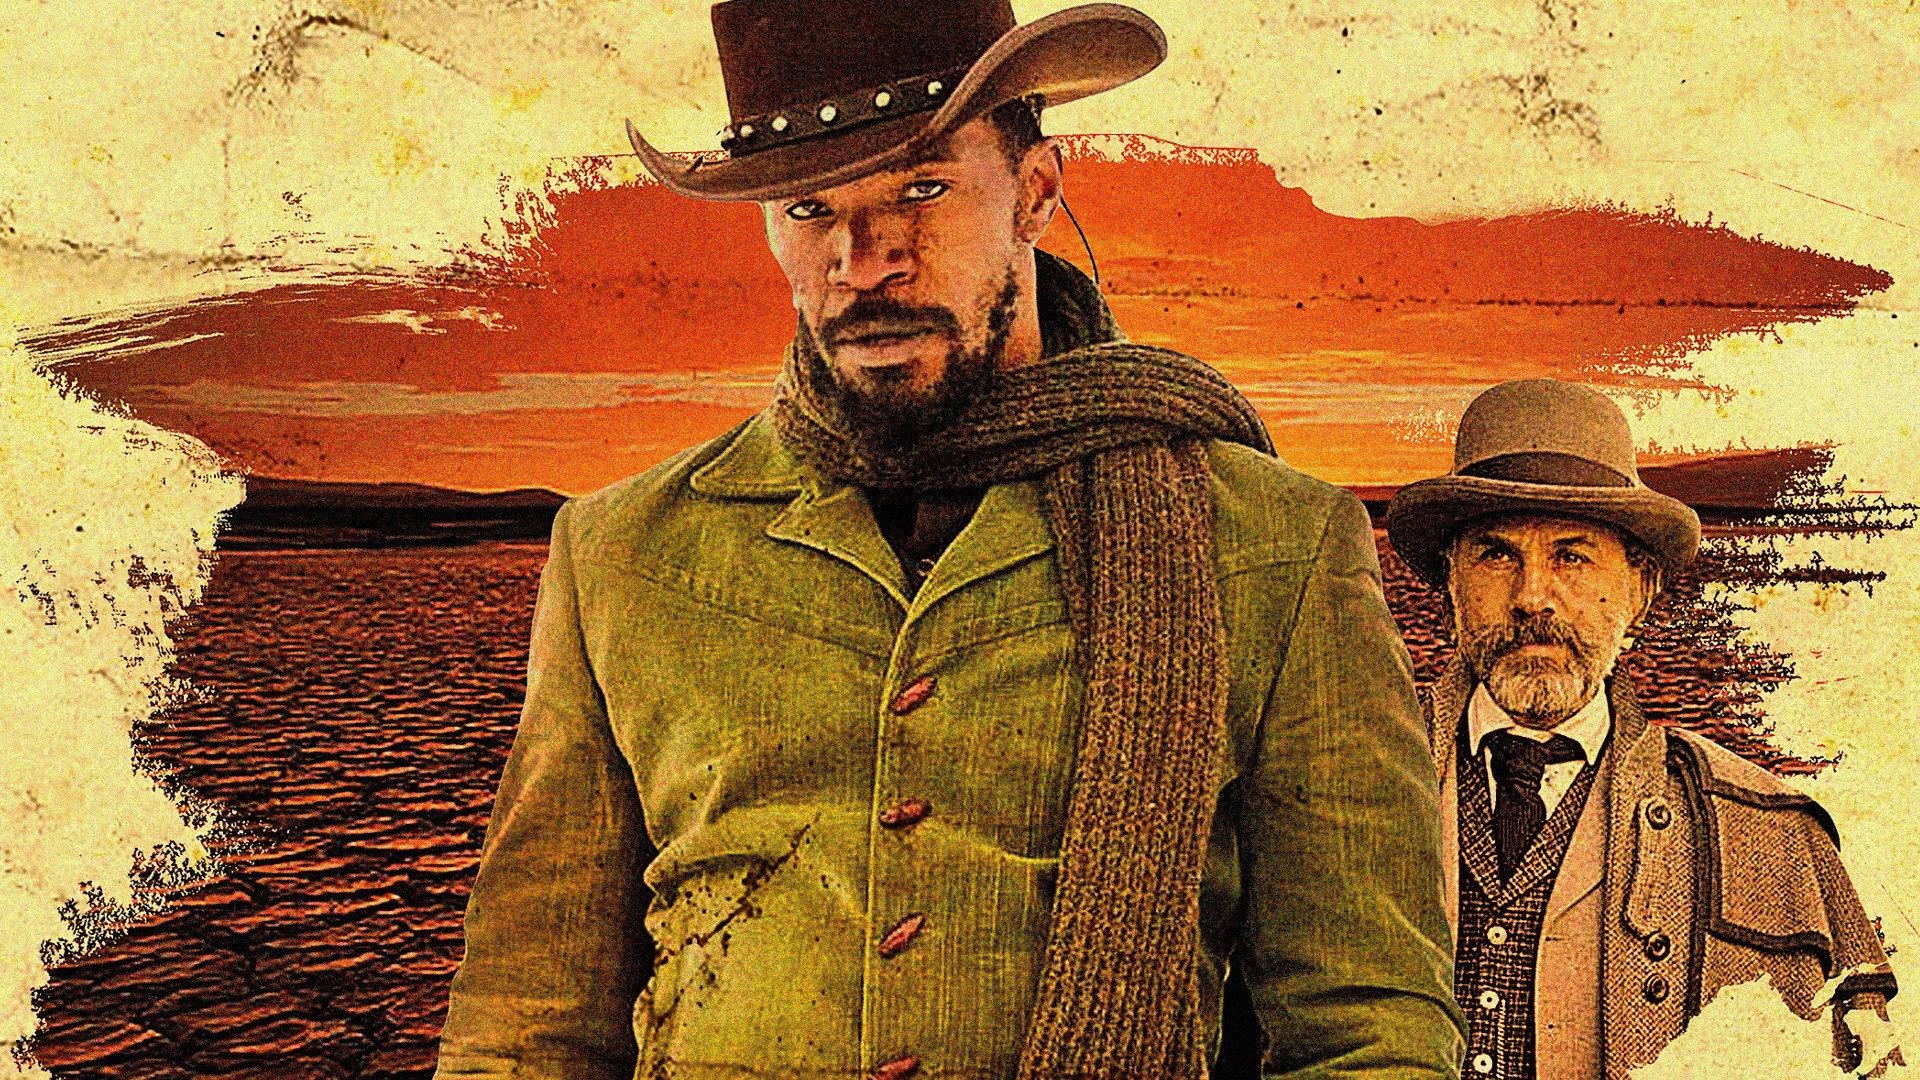 Django Unchained Wallpaper